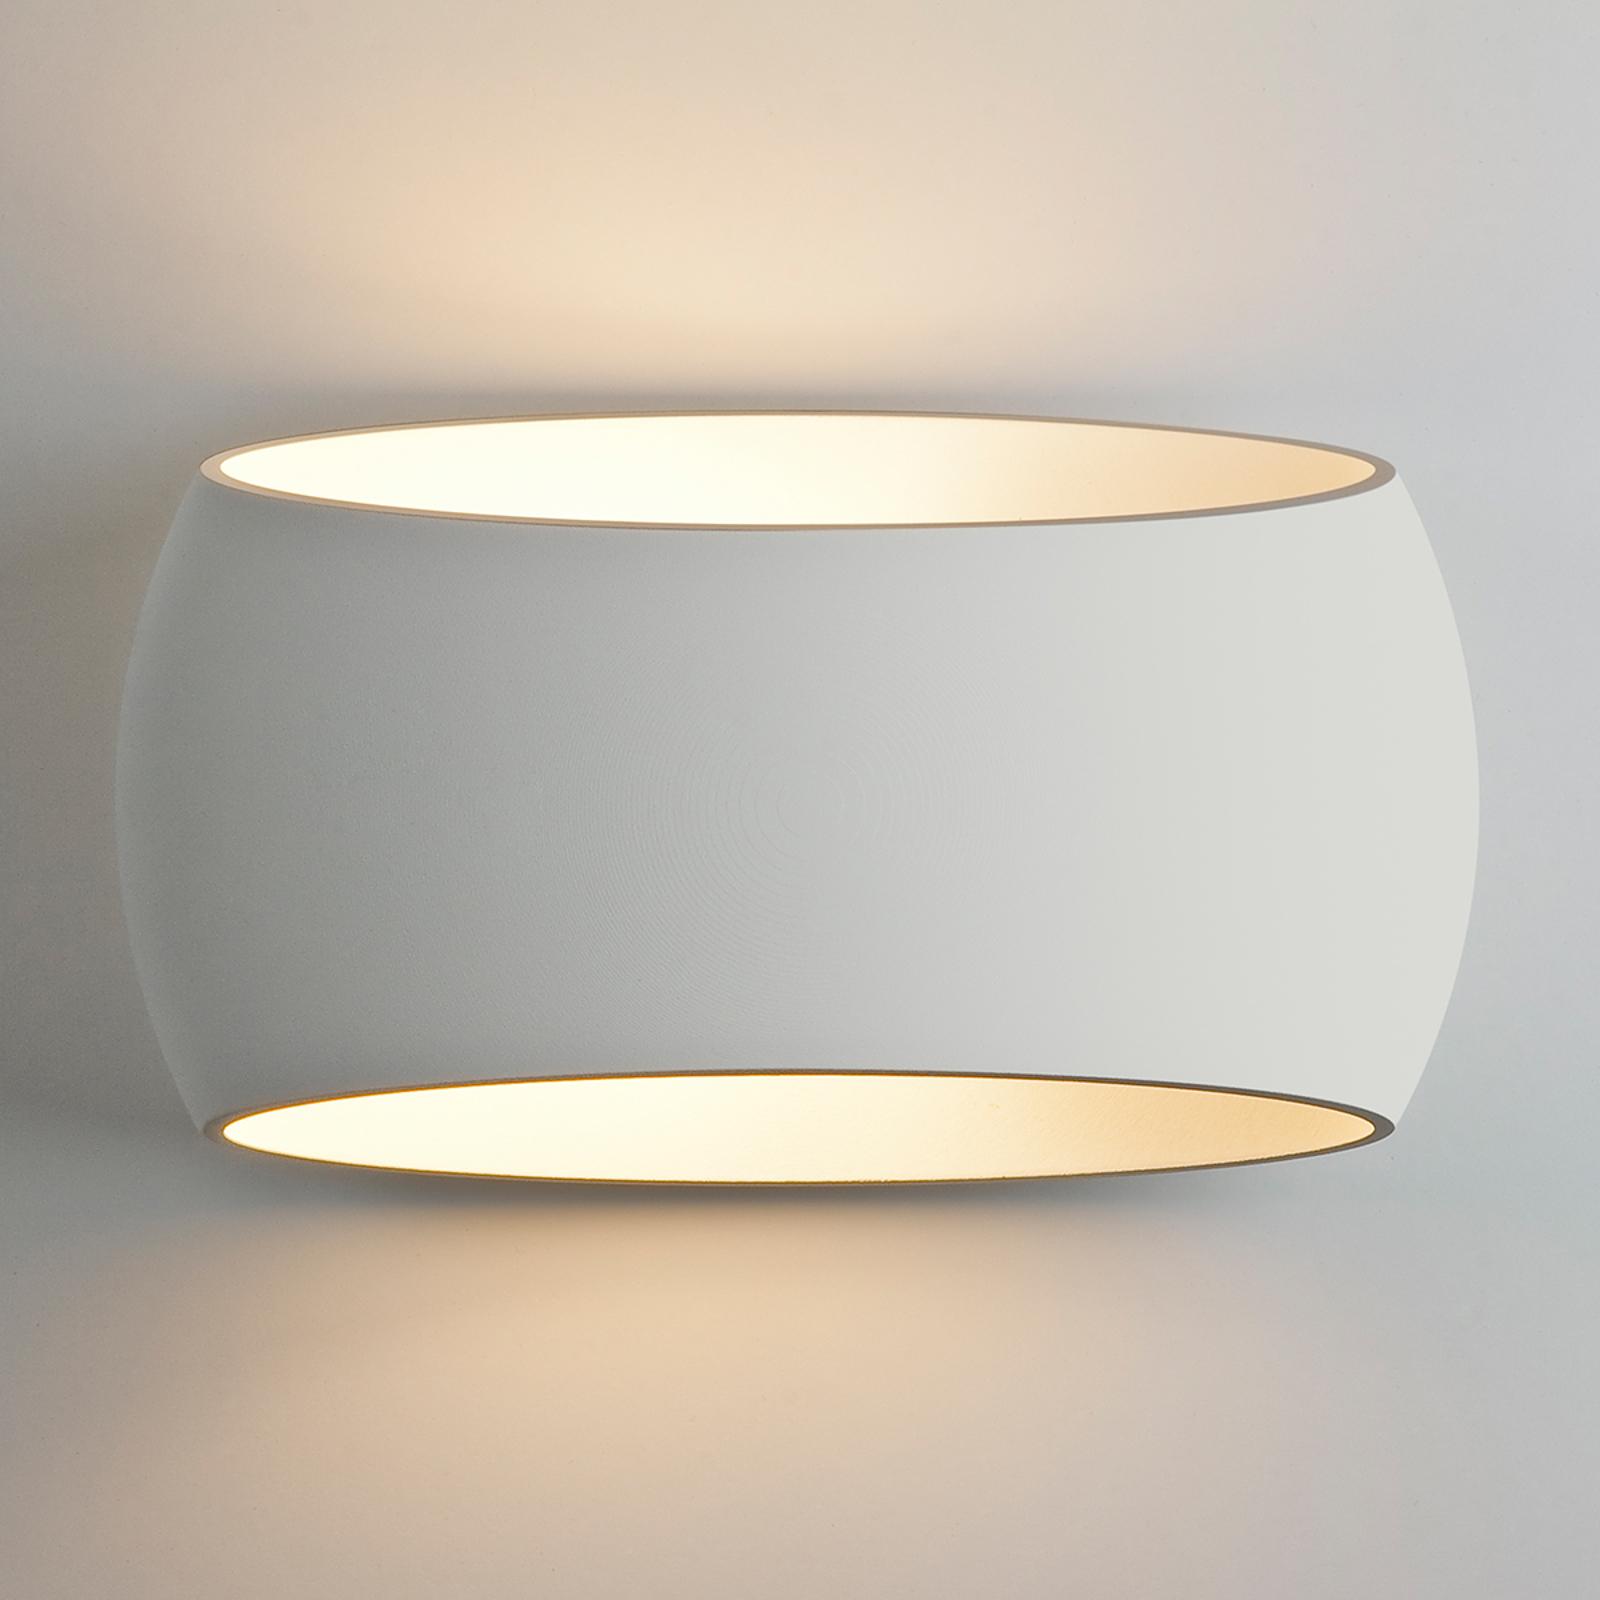 Vegglampe Aria i gips, kan males og lakkeres